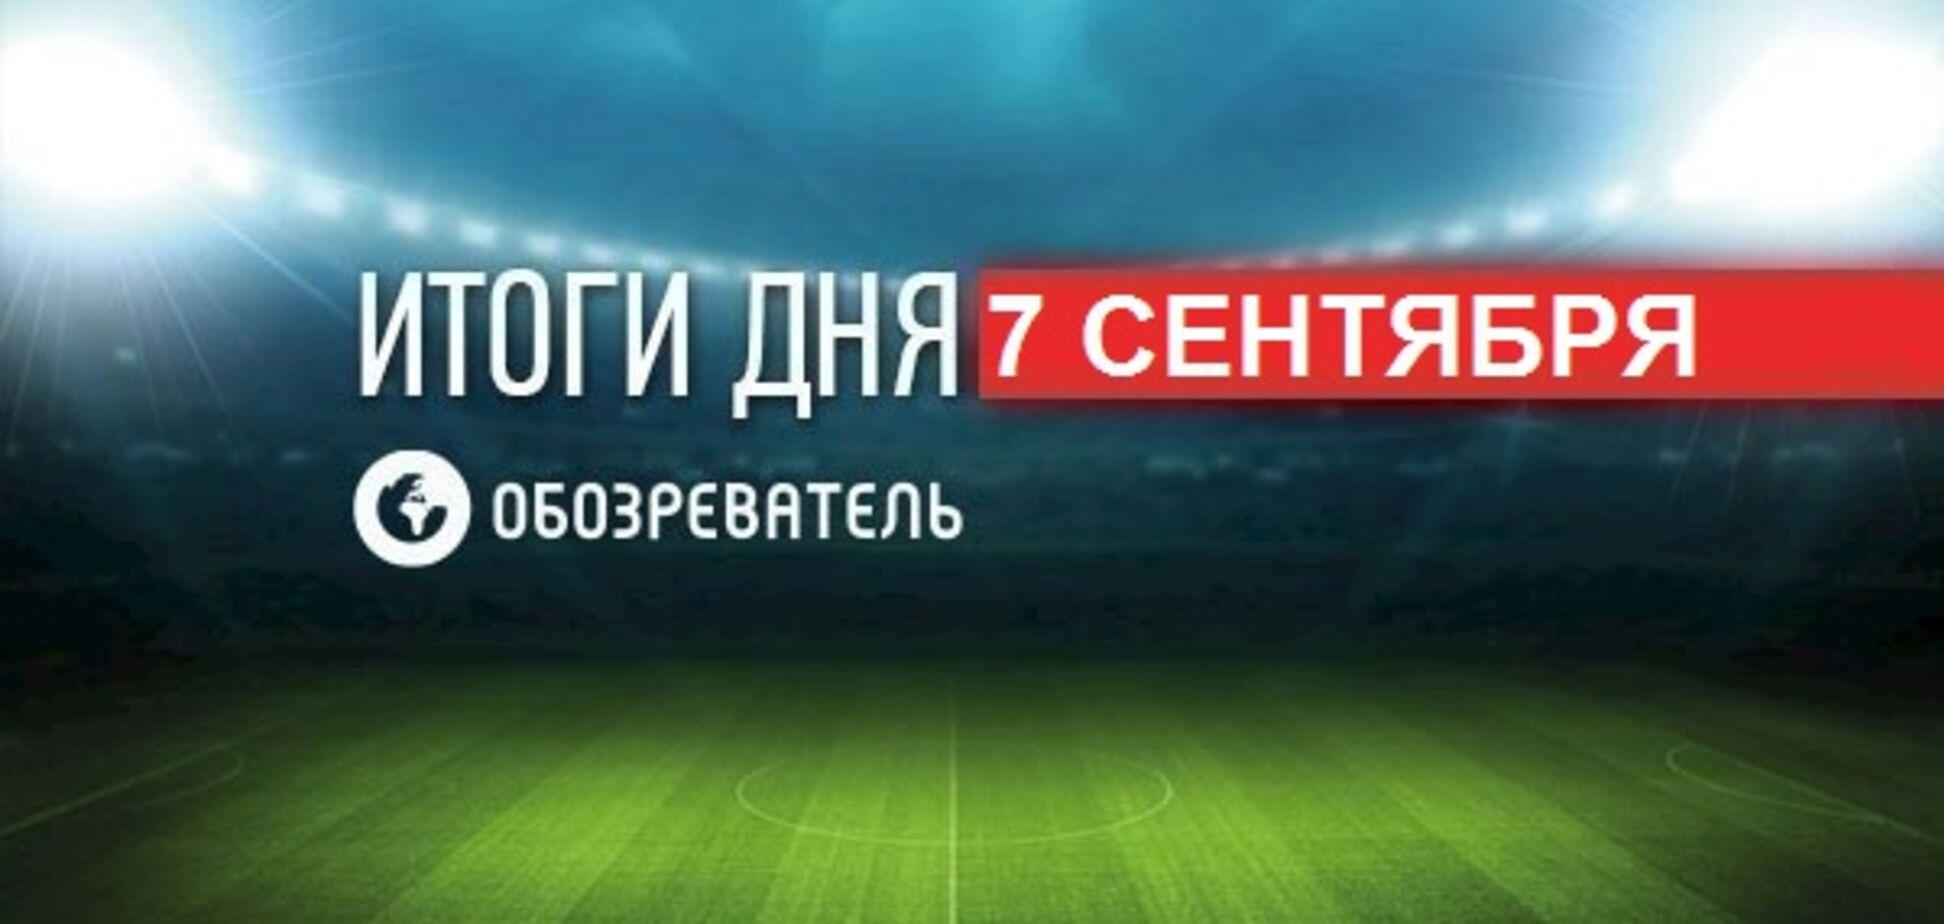 ФИФА приняла эпохальное решение в истории футбола: спортивные итоги 7 сентября